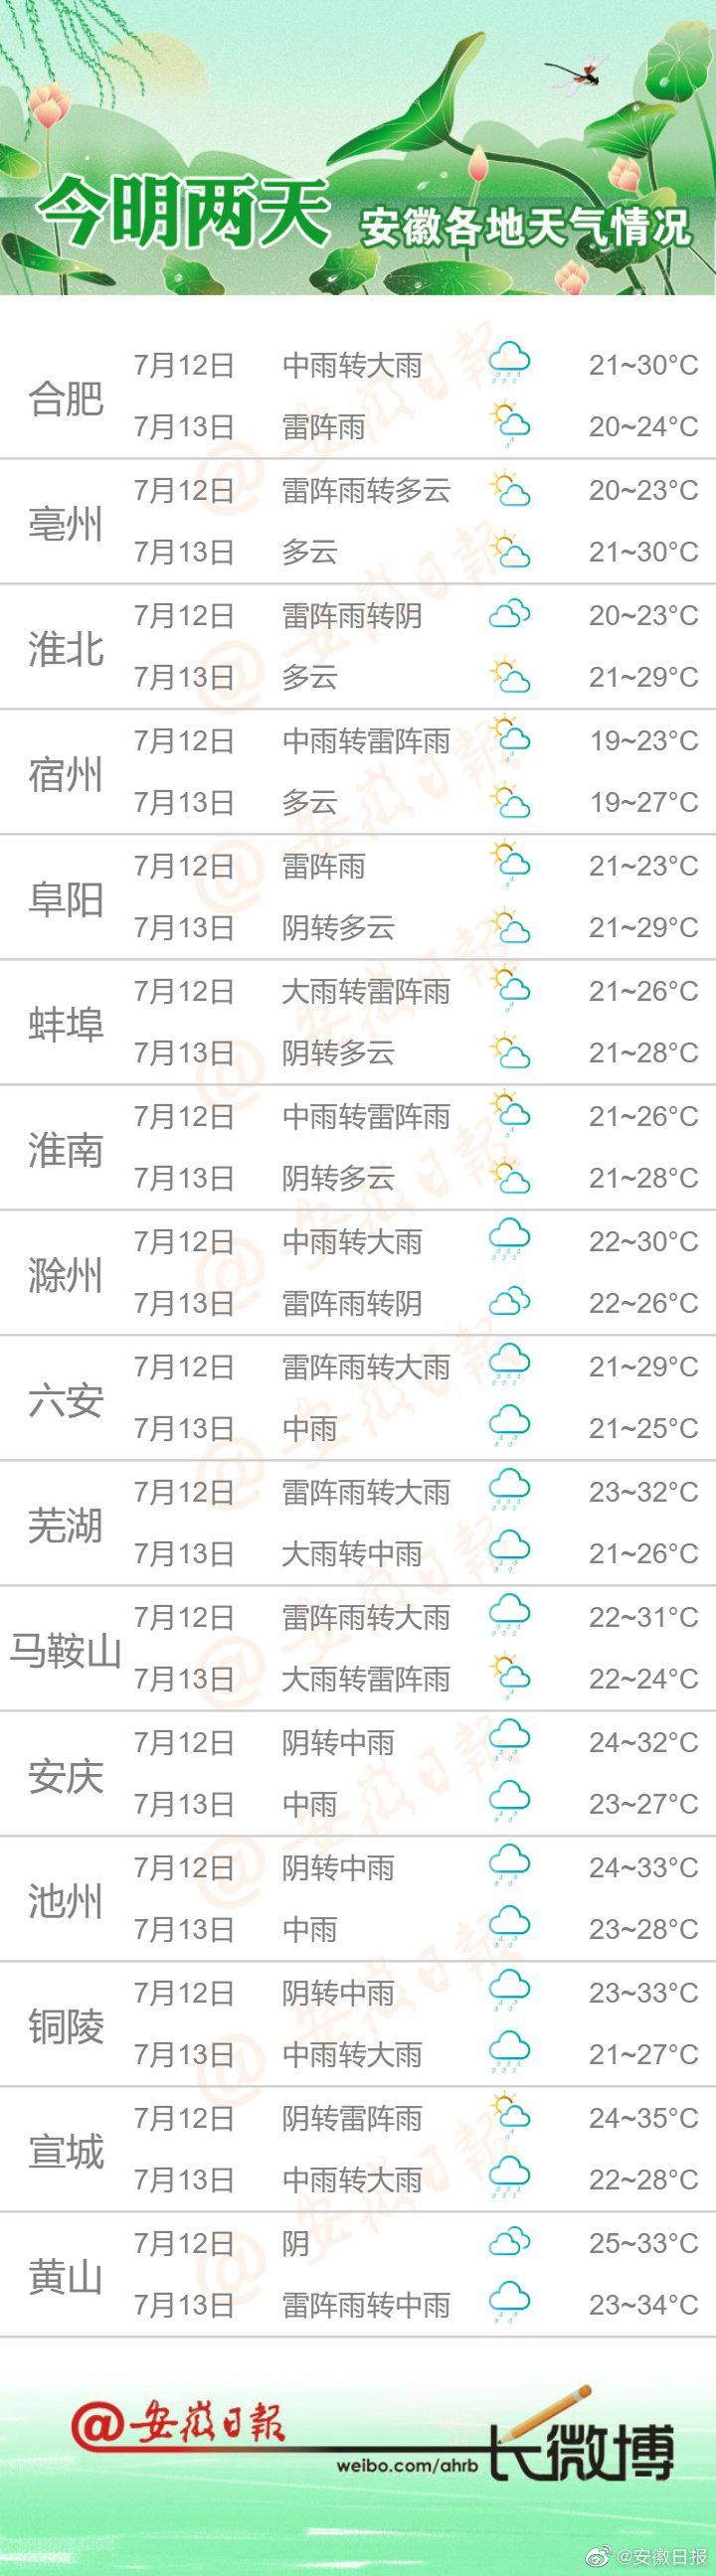 今明两日天气早知道